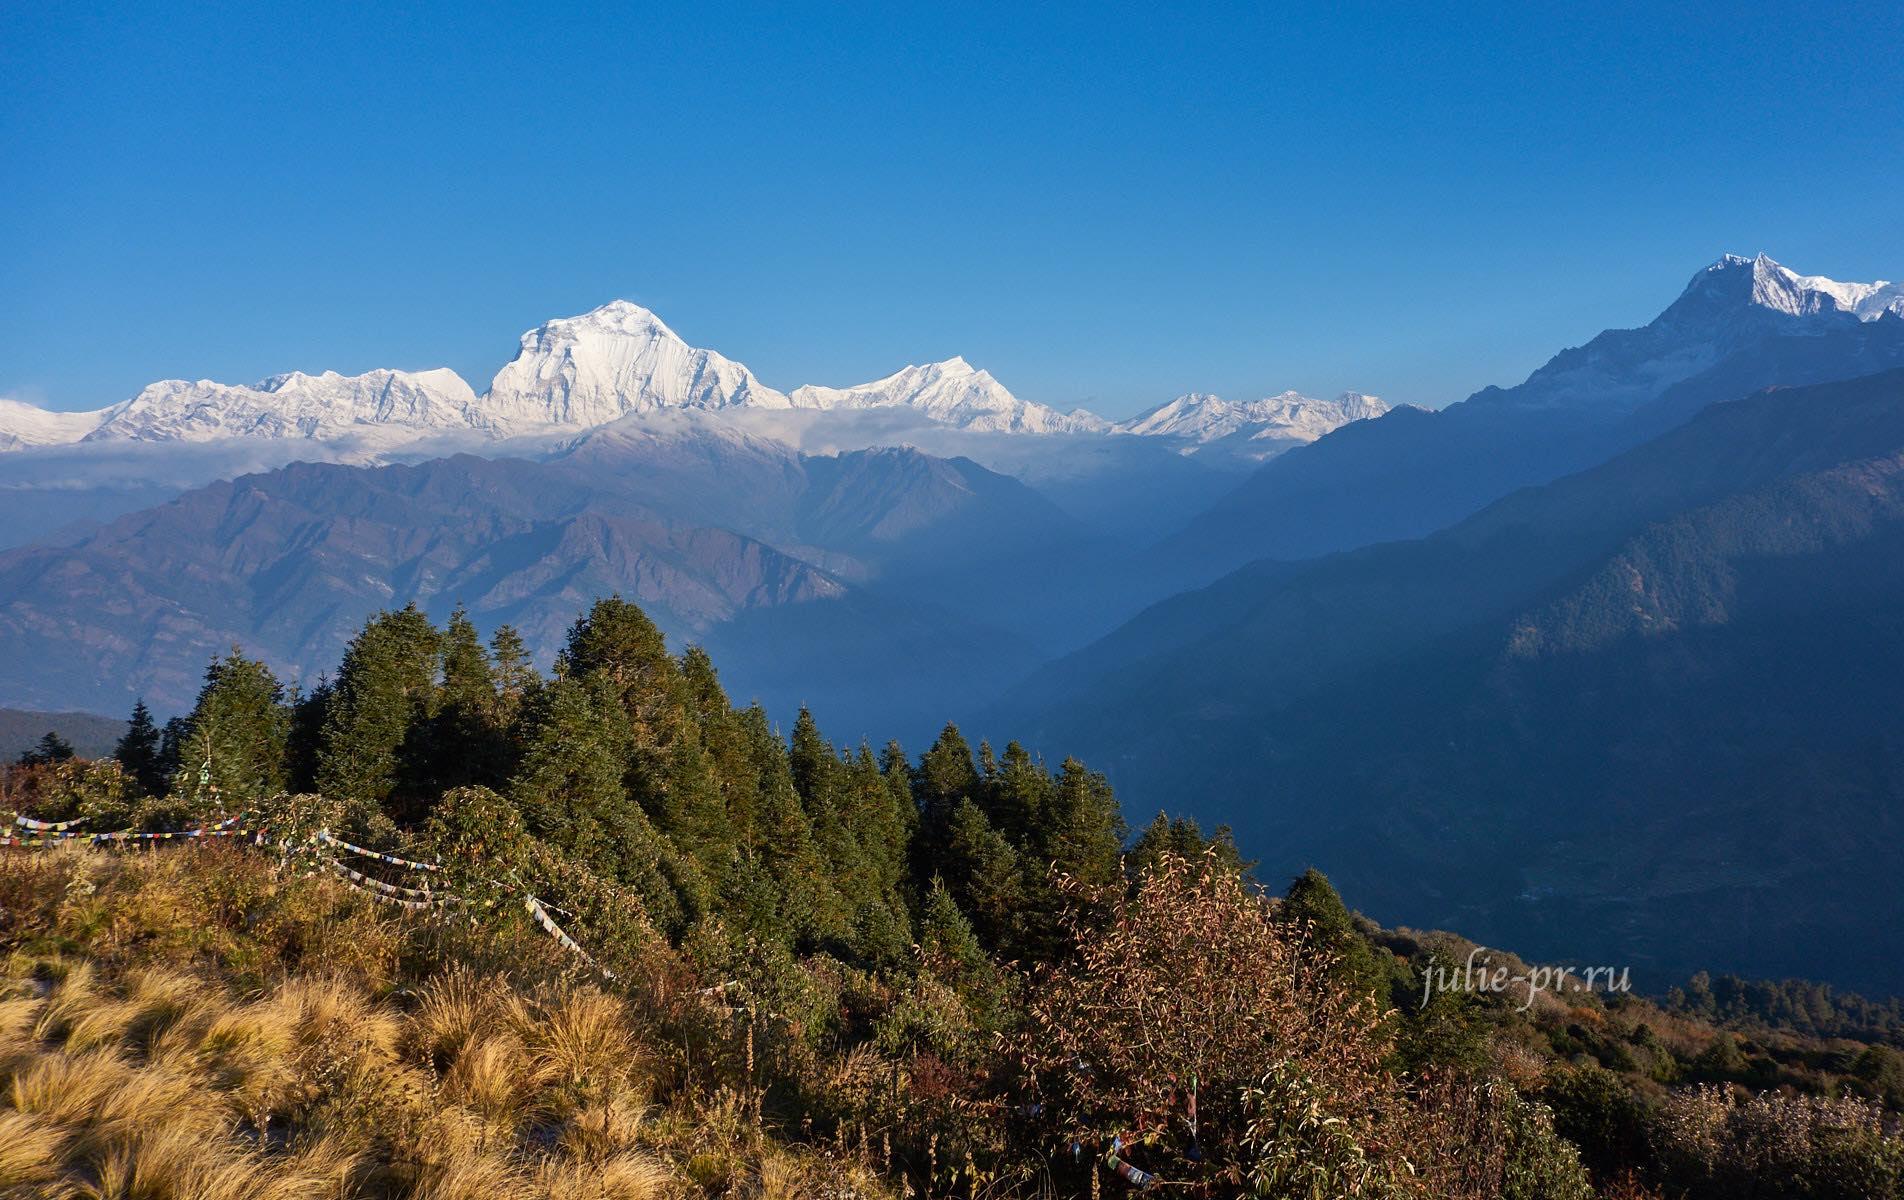 Непал, Аннапурна, Дхаулагири, Пун-Хилл